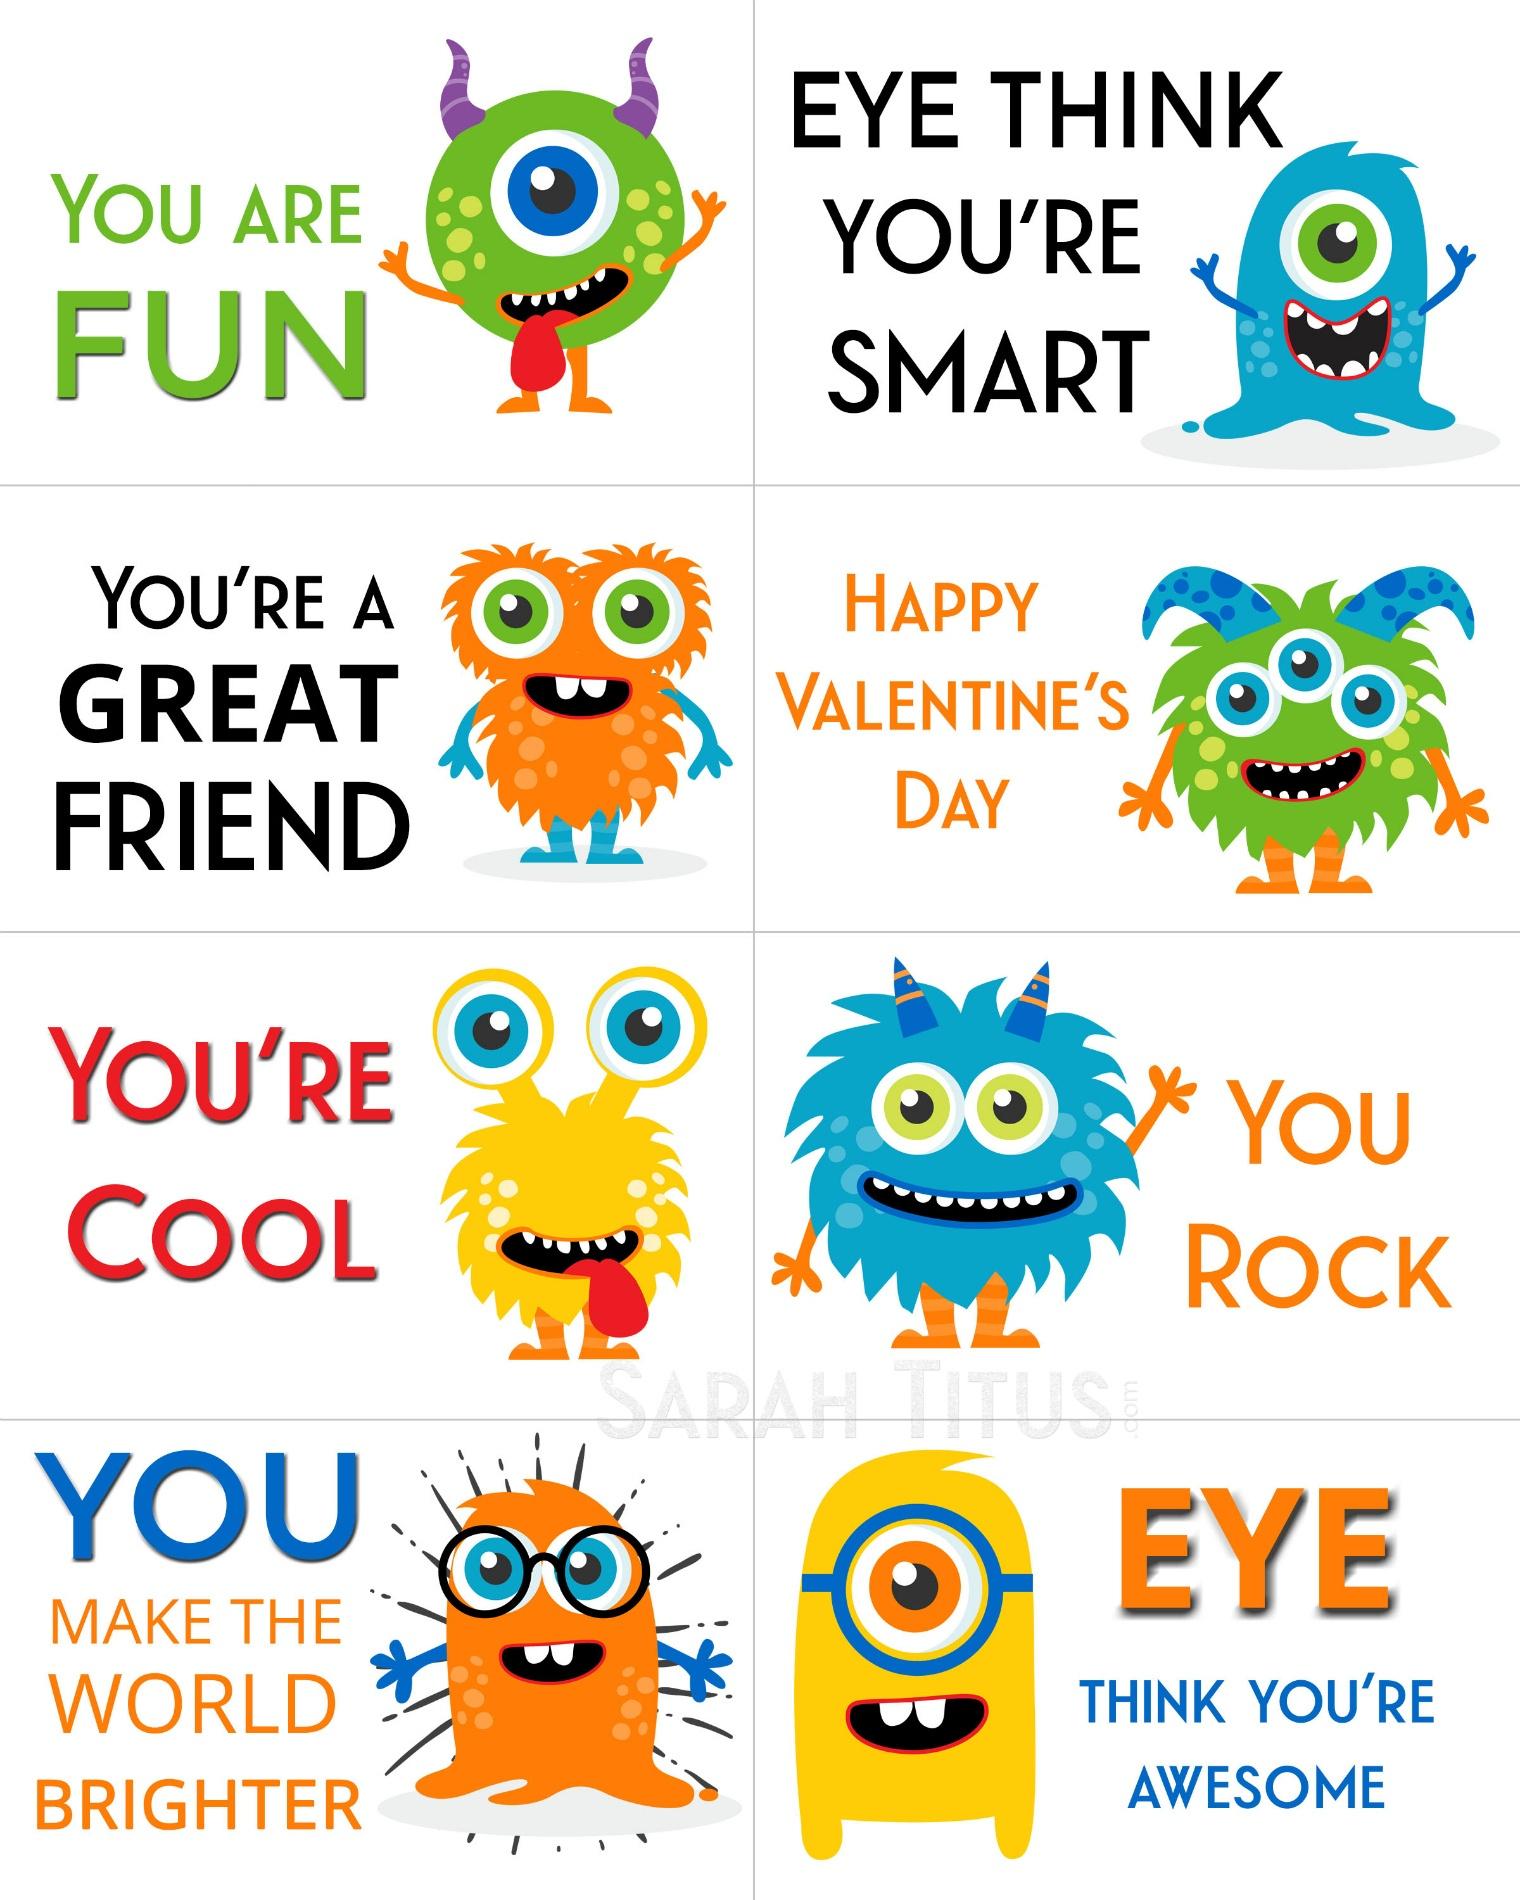 Free Printable Valentine Cards - Sarah Titus - Free Printable Valentine Cards For Preschoolers